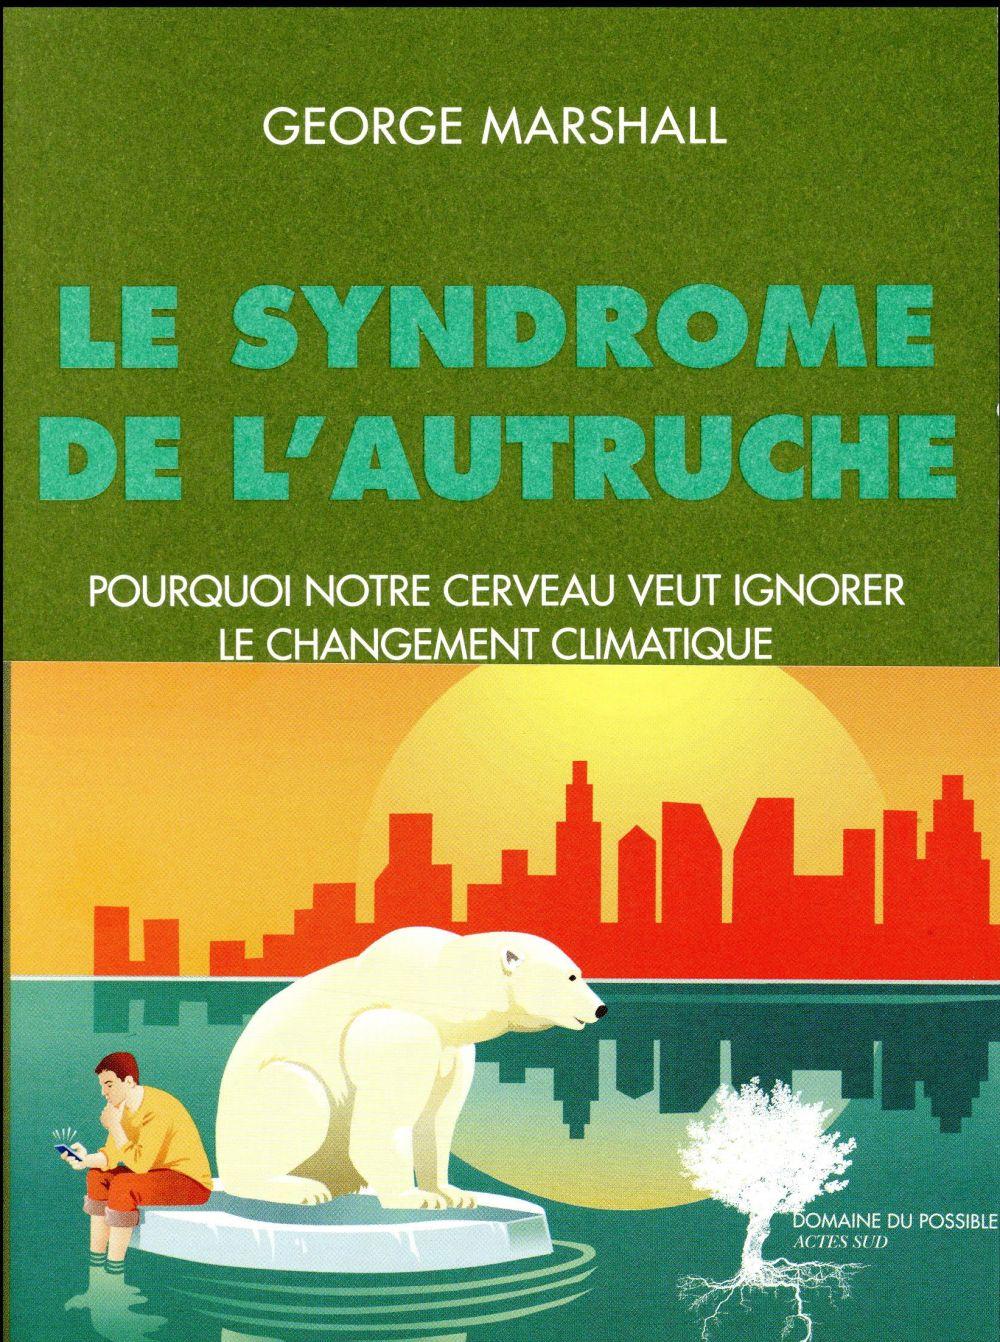 LE SYNDROME DE L'AUTRUCHE  -  POURQUOI NOTRE CERVEAU VEUT IGNORER LE CHANGEMENT CLIMATIQUE MARSHALL/DION Actes Sud